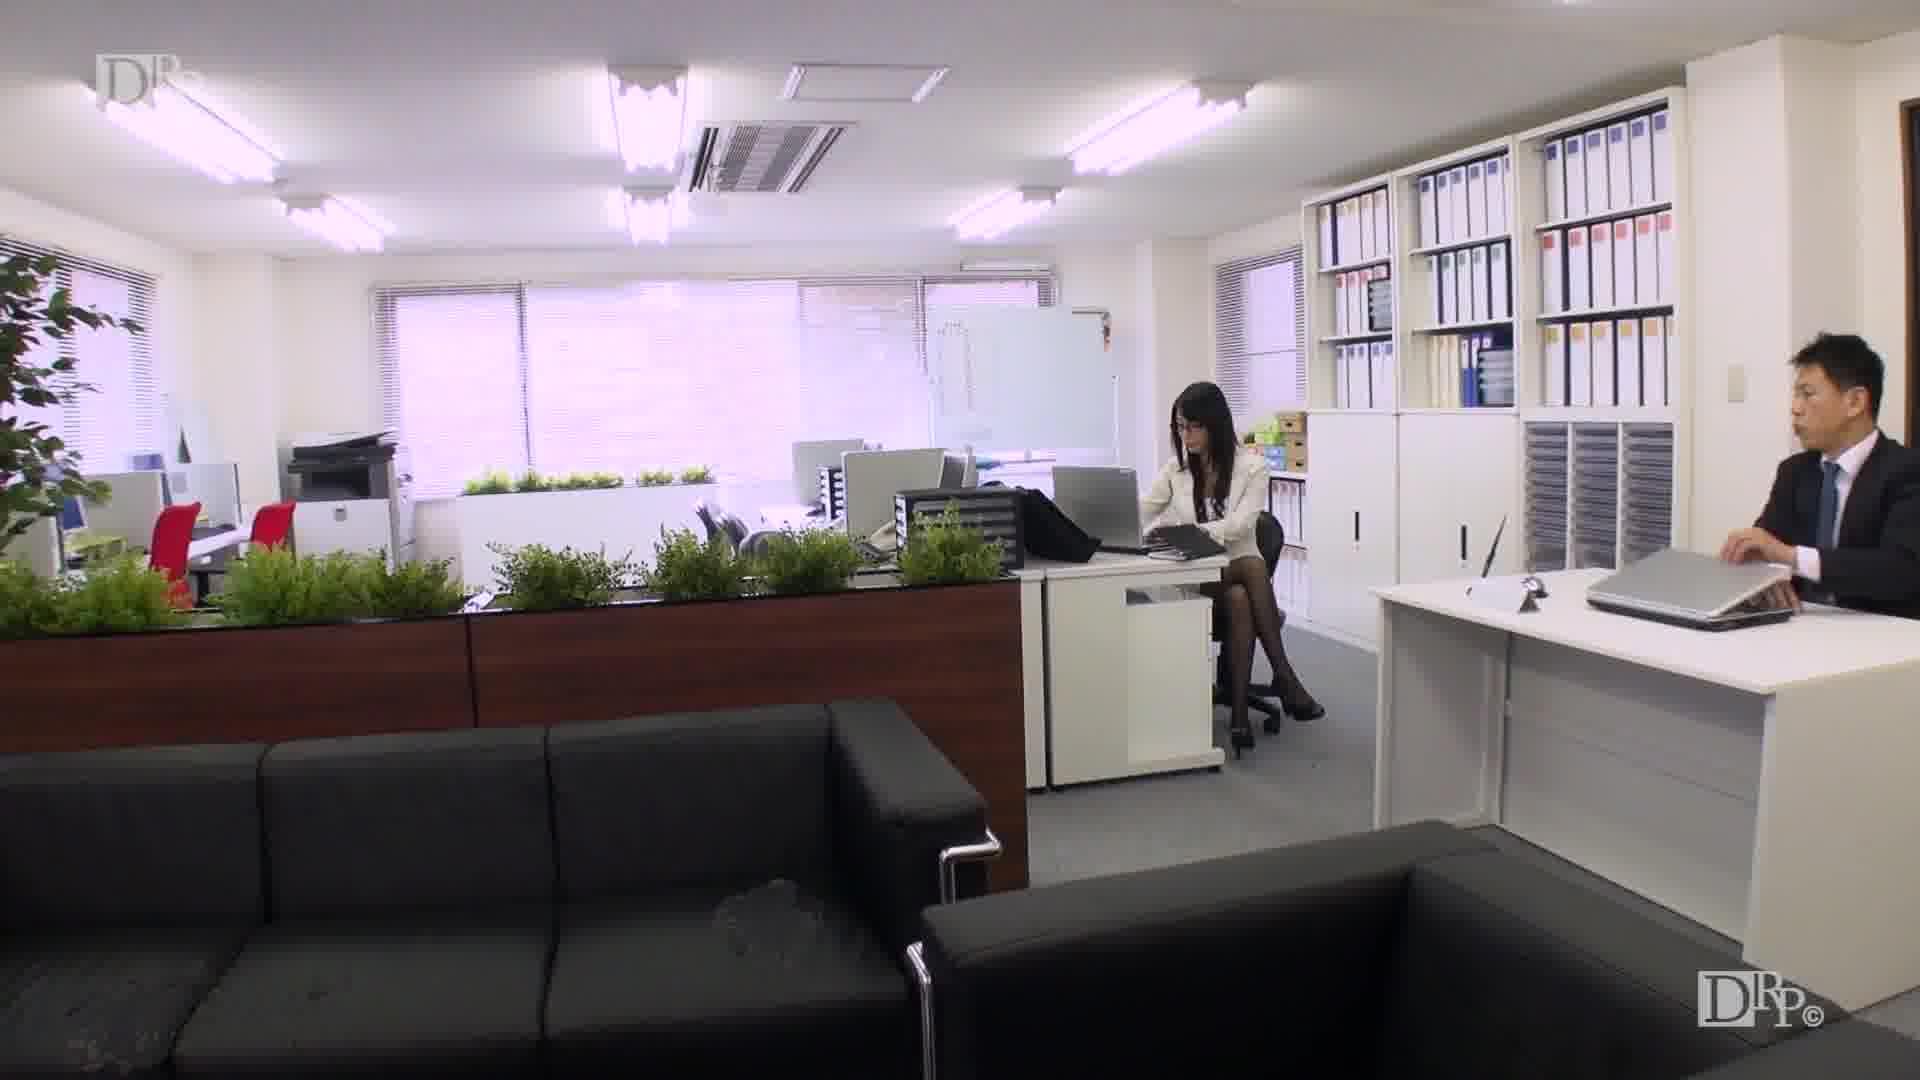 社長秘書のお仕事 Vol.11 - 逢沢はるか【乱交・痴女・OL】